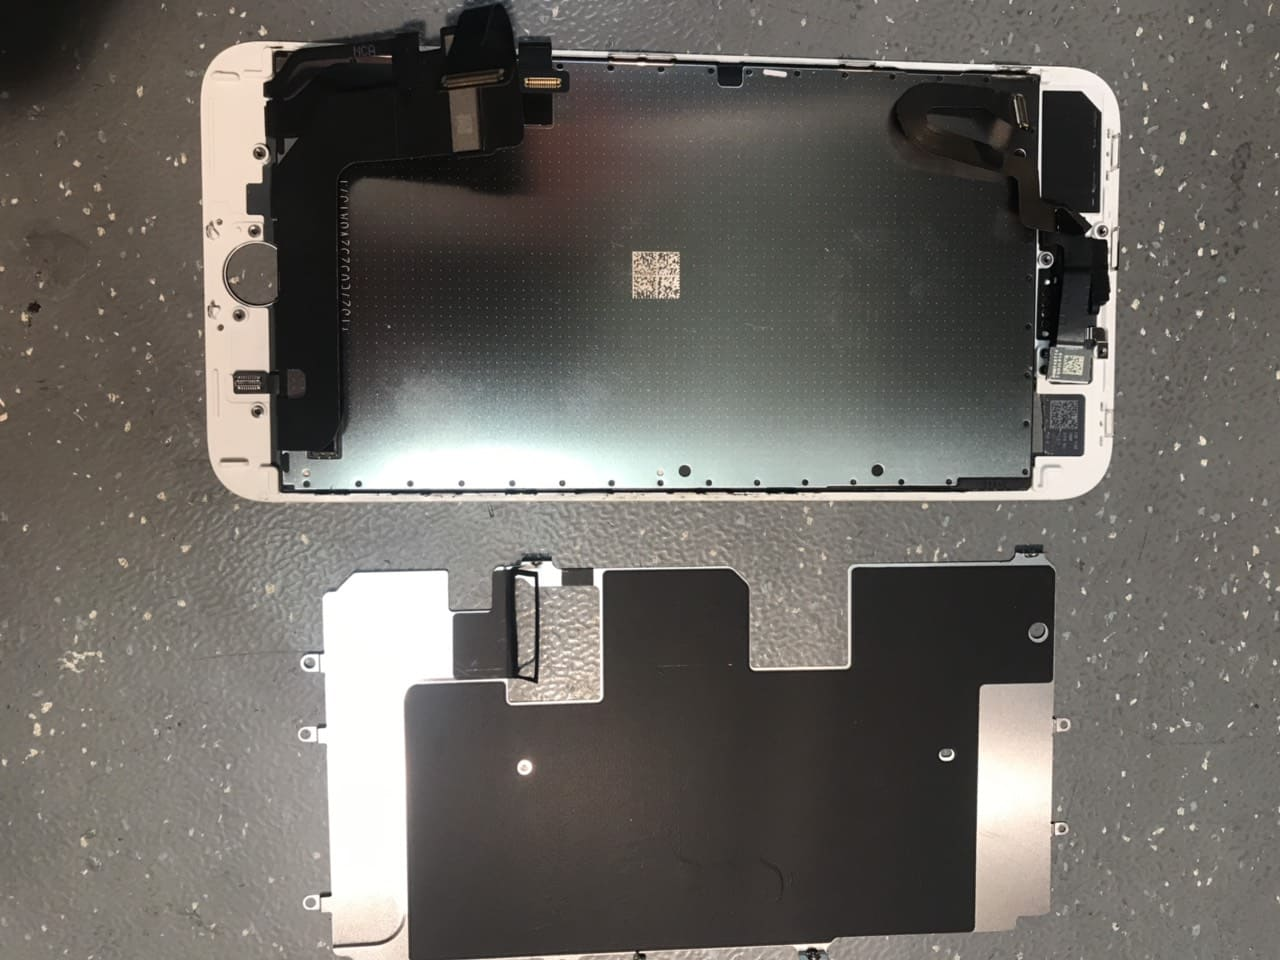 ремонт айфонов екатеринбург в антее екатеринбург